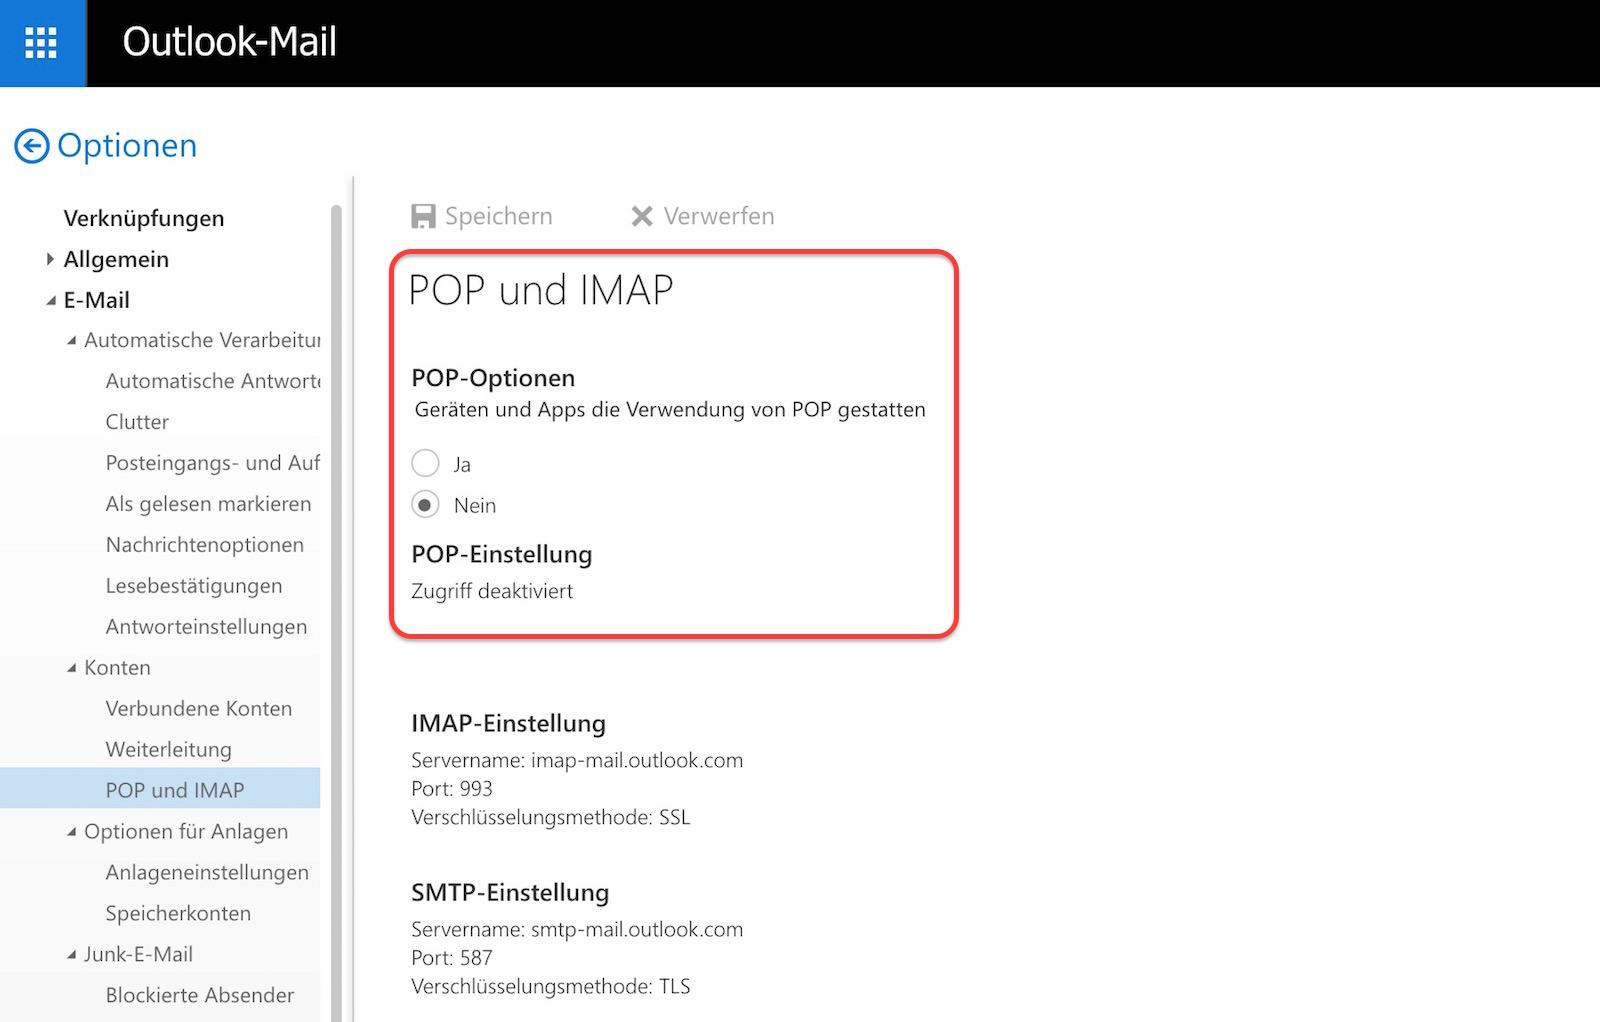 Outlook deaktiviert Pop und IMAP Funktion automatisch